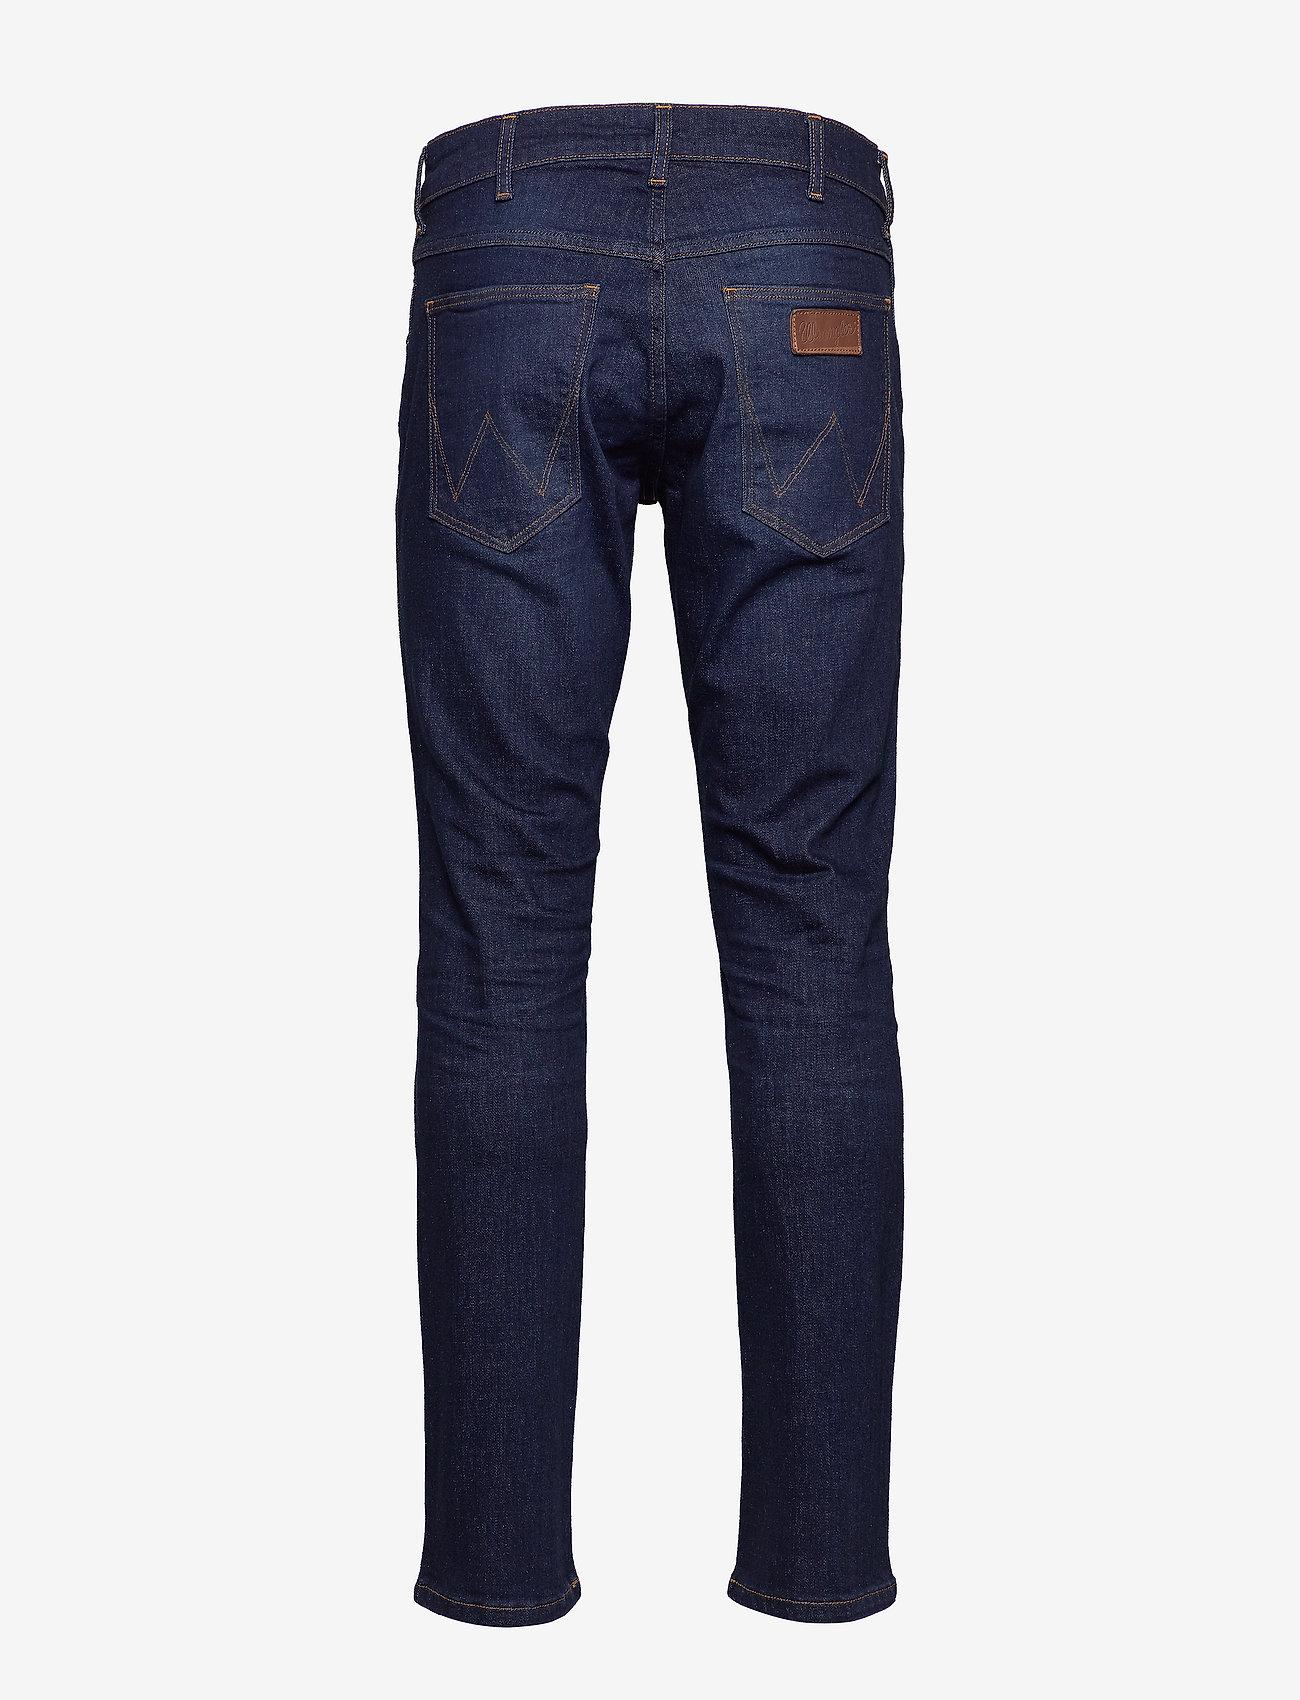 Wrangler - GREENSBORO - regular jeans - dark fever